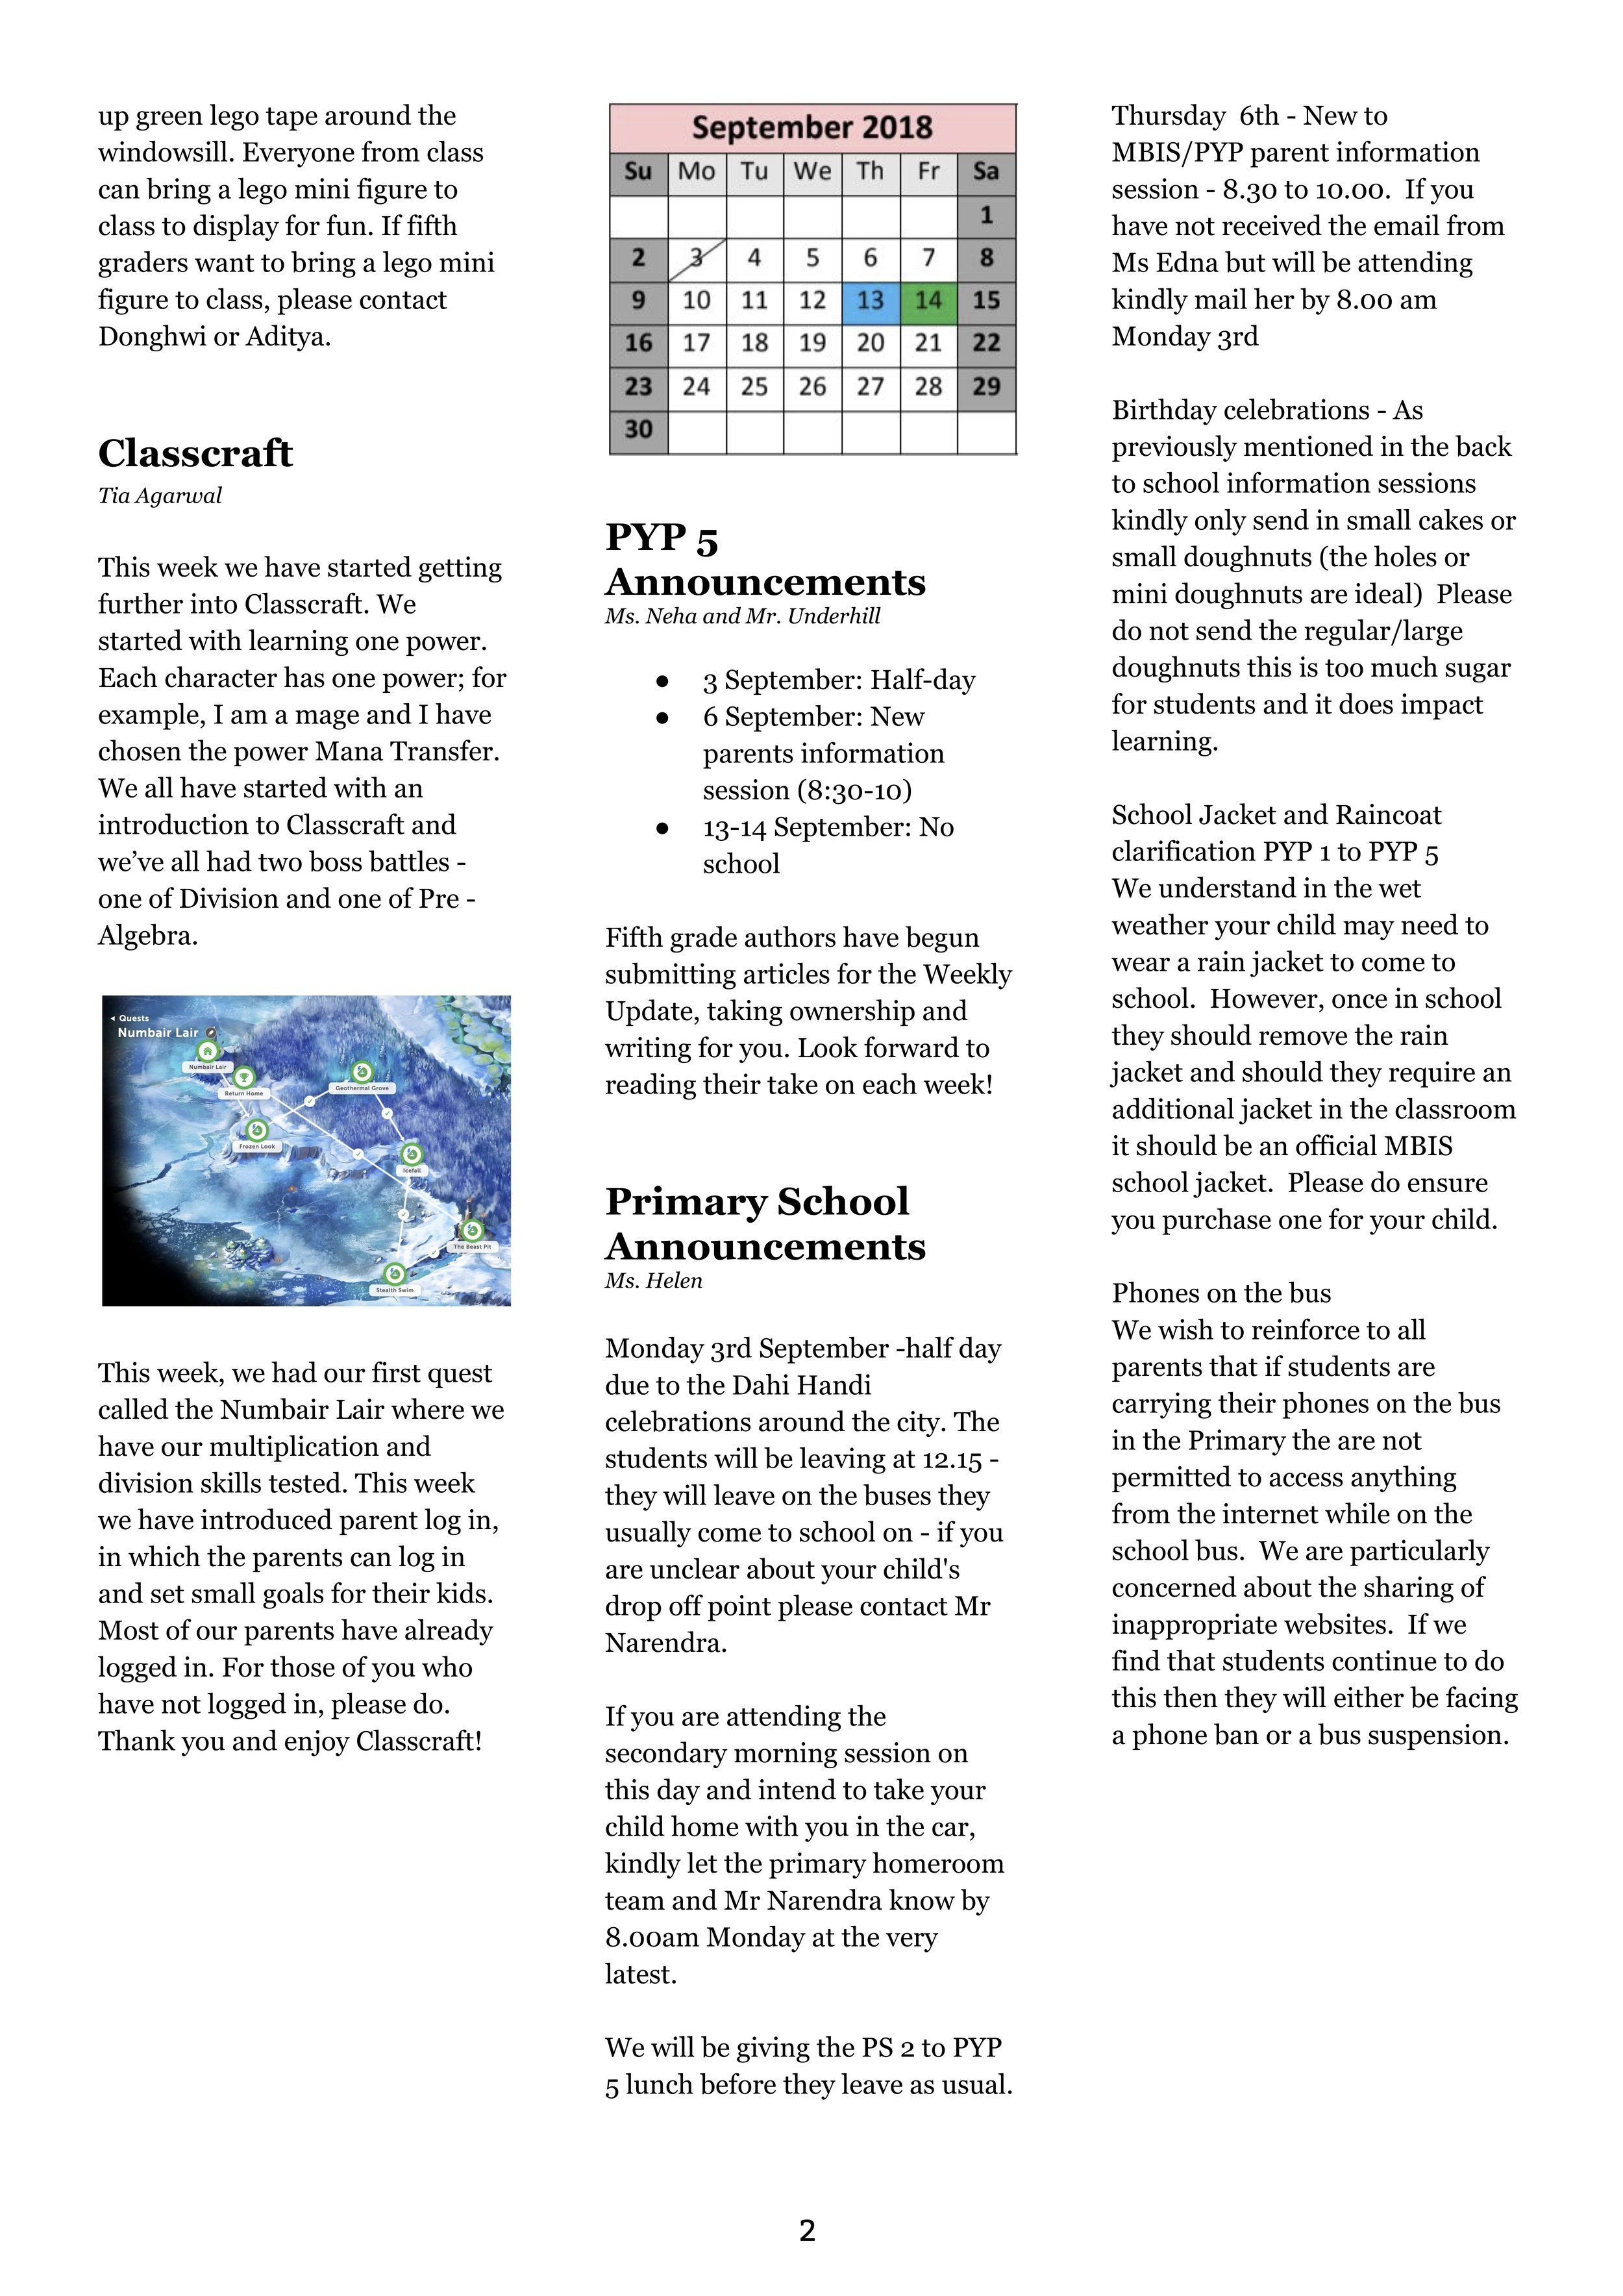 180831 PYP 5 Weekly Update p2.jpg